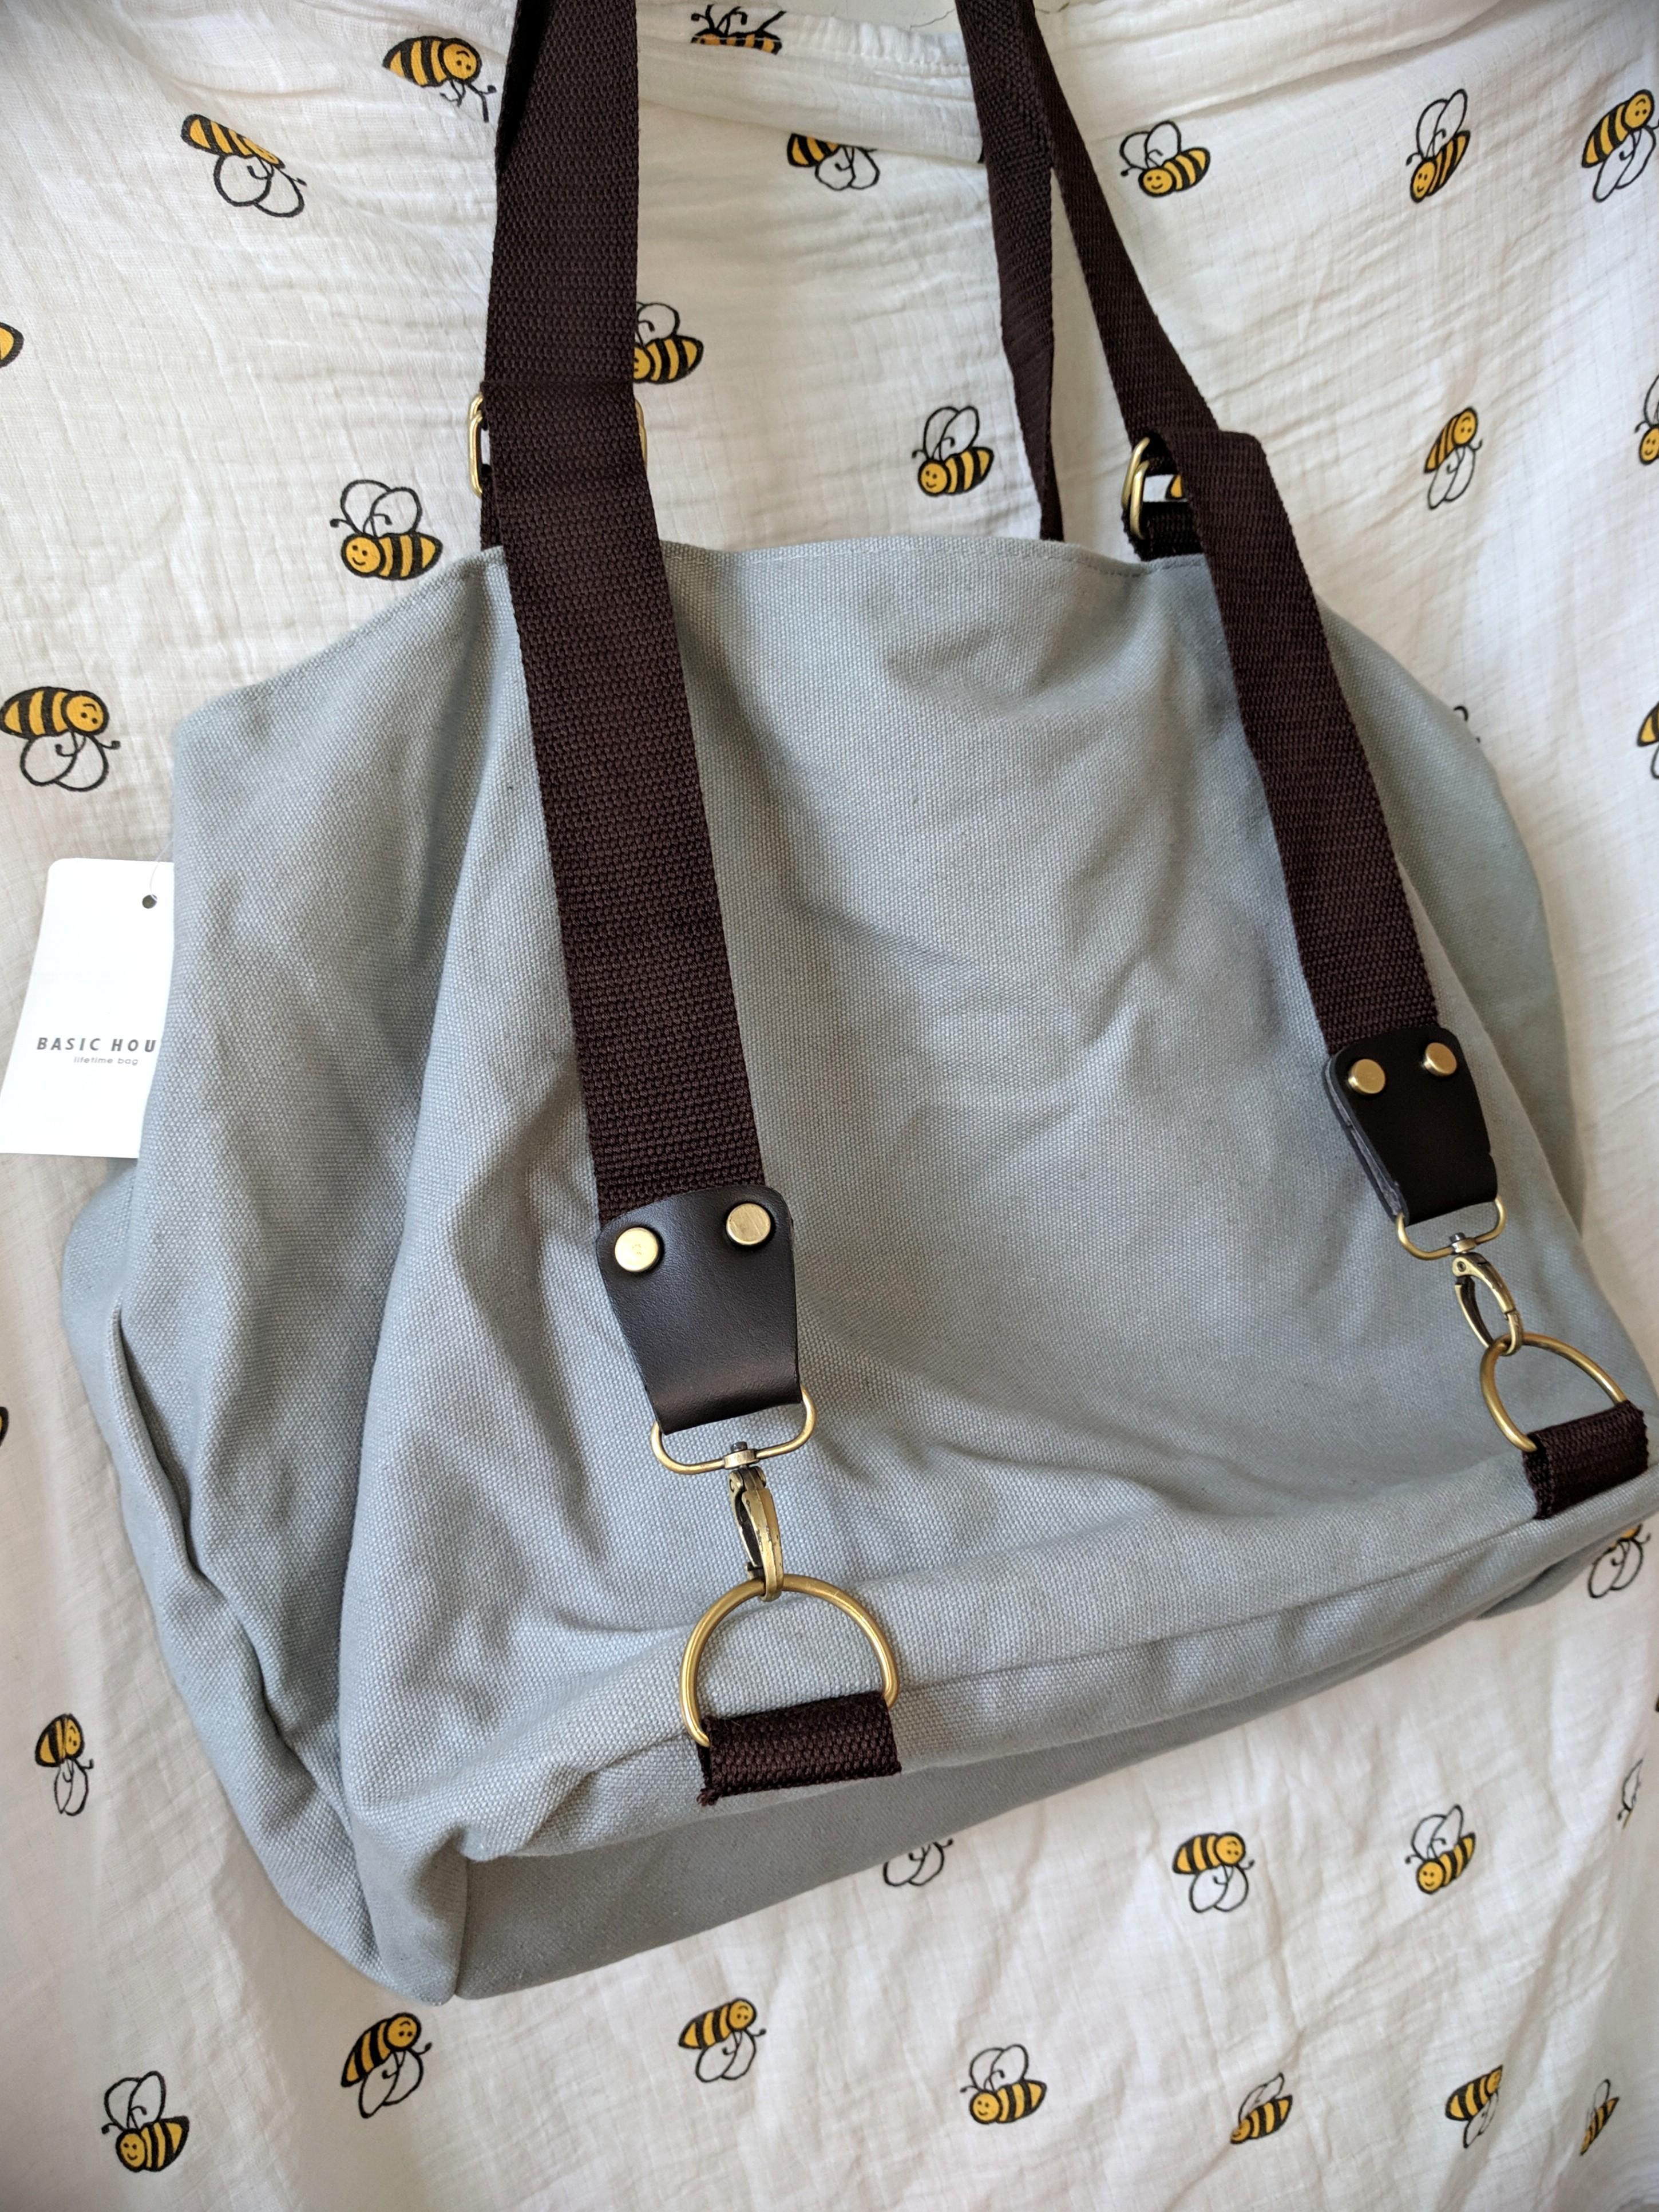 Basic House 韓袋。旅行大容量袋。灰藍色。100%new。